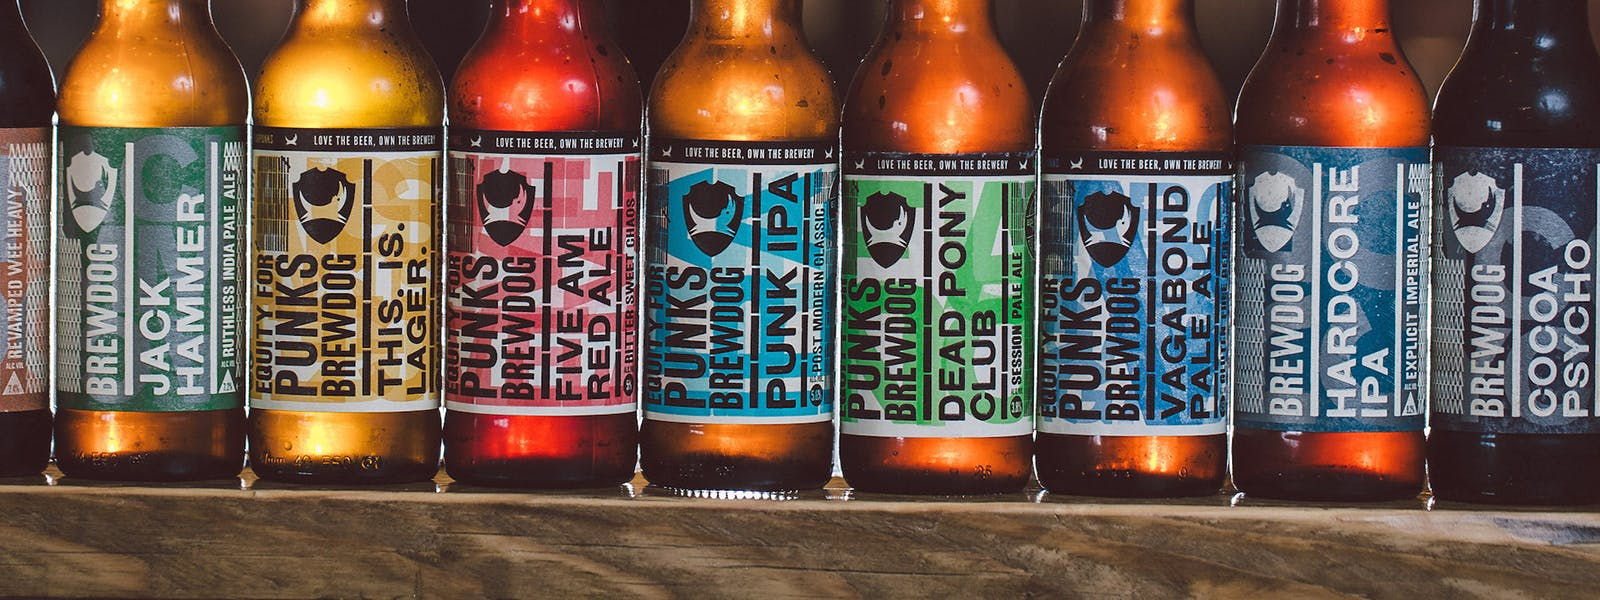 Brewdog bottle labels